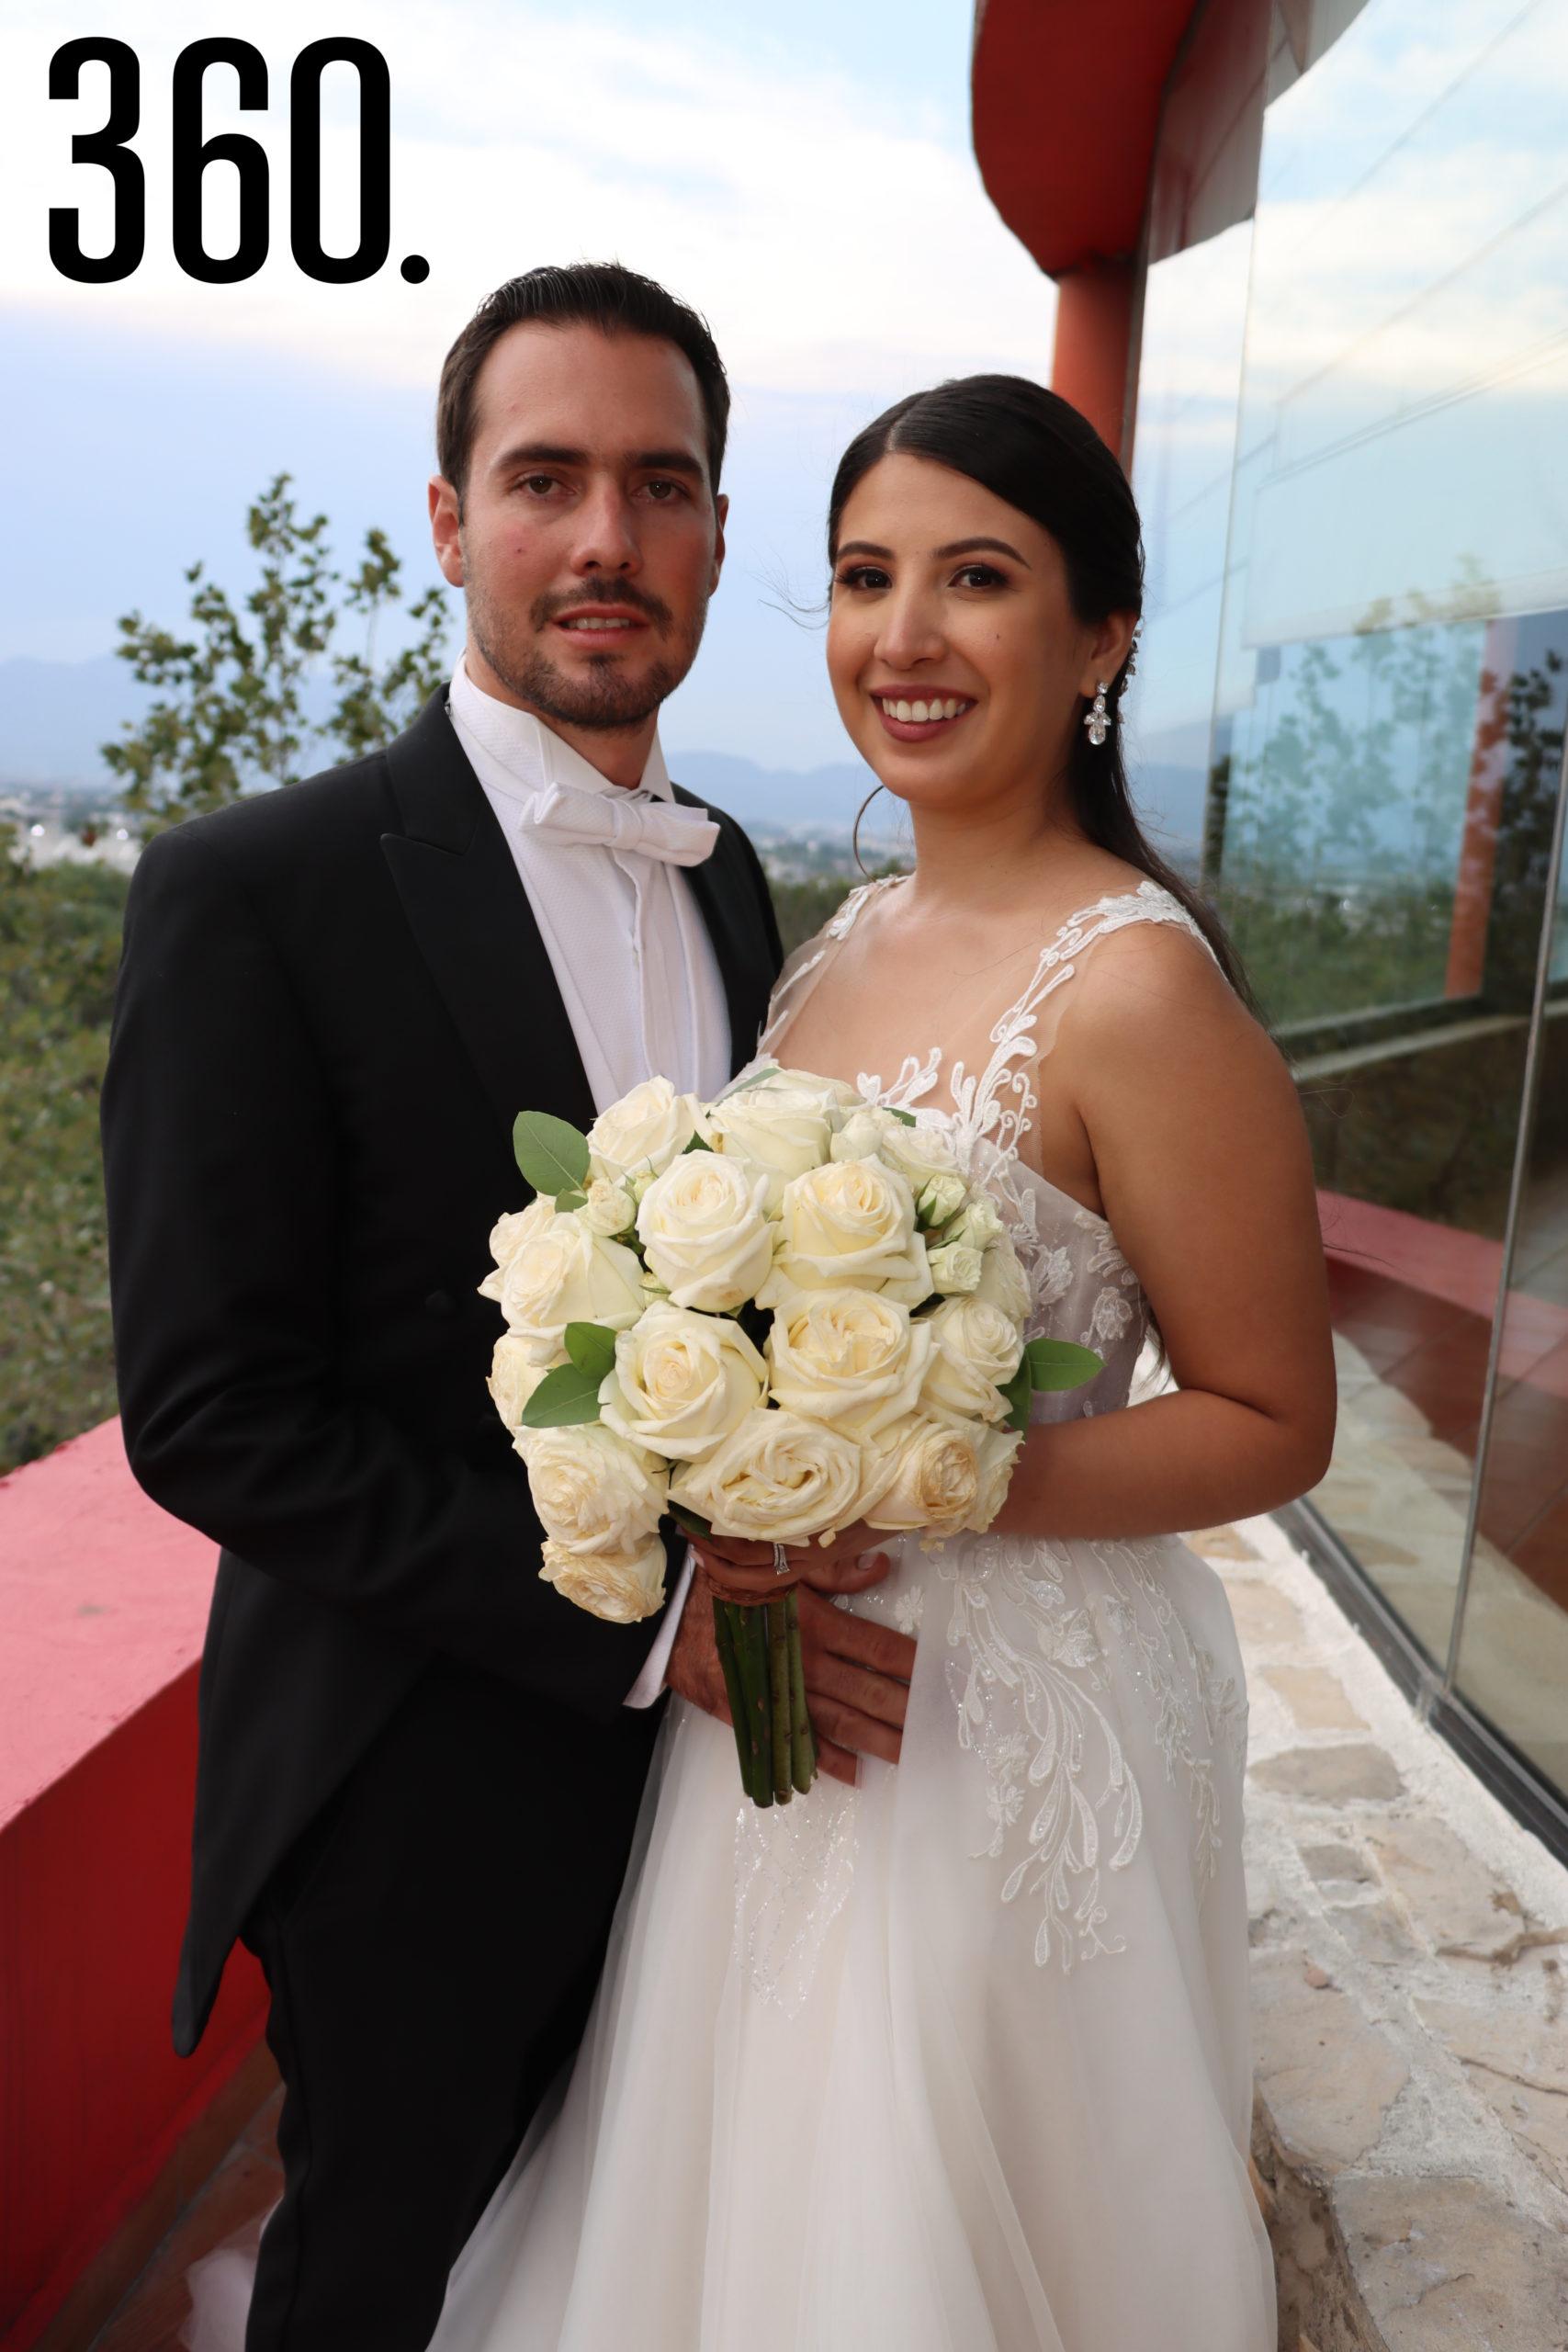 Ana Sofía Tovar Fernández y Juan Pablo Villalobos Rodríguez unieron sus vidas mediante el sacramento del matrimonio.